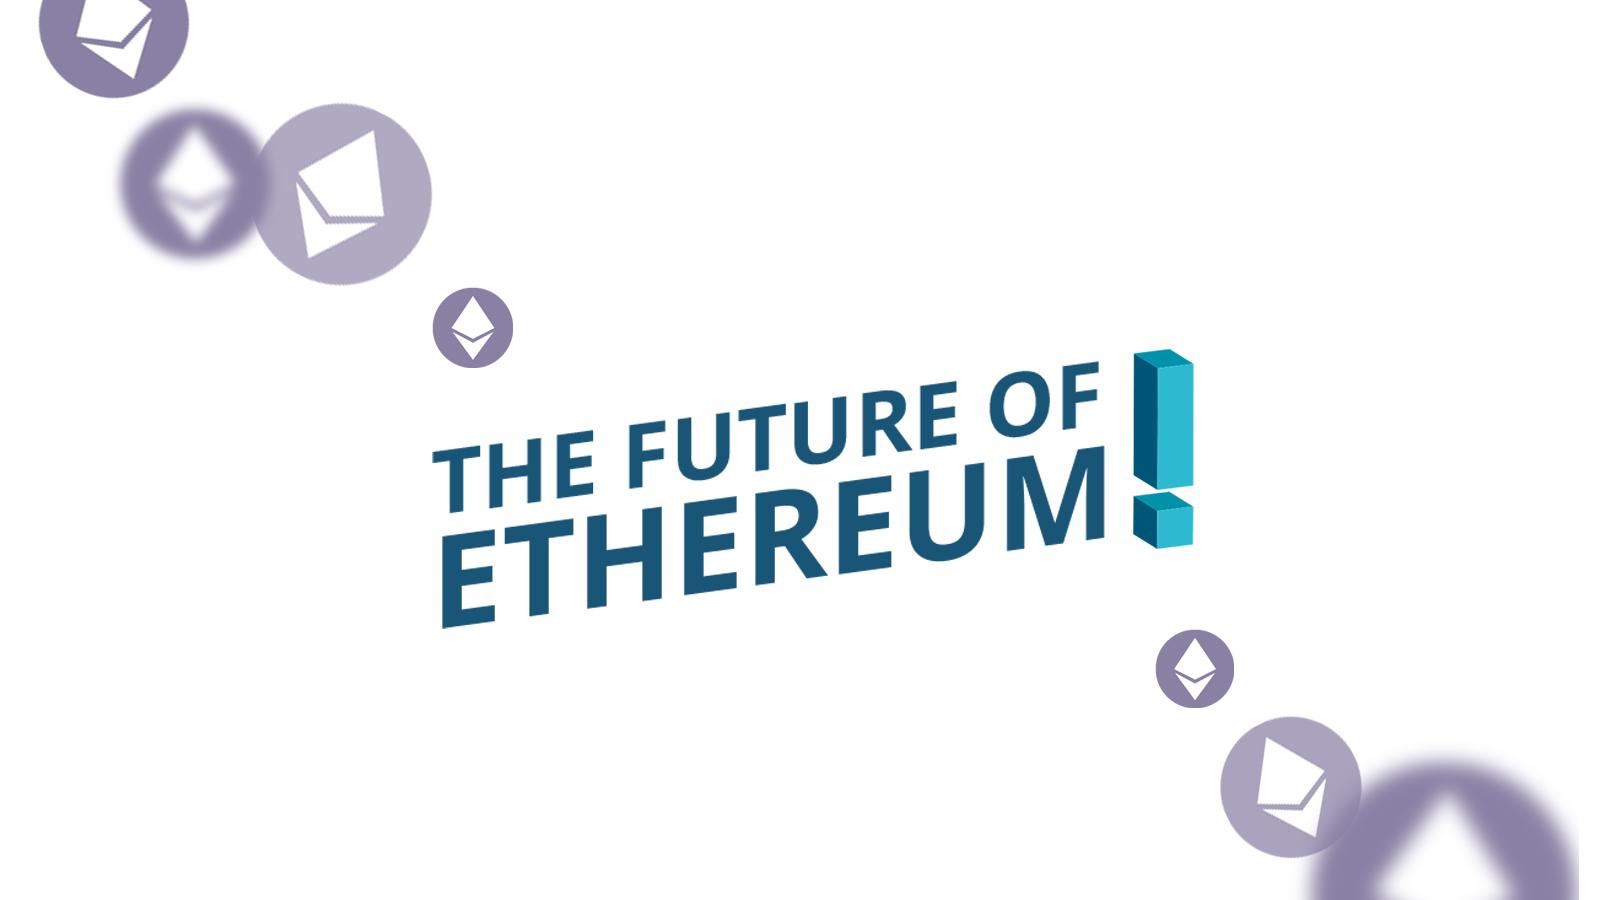 De toekomst vanEthereum